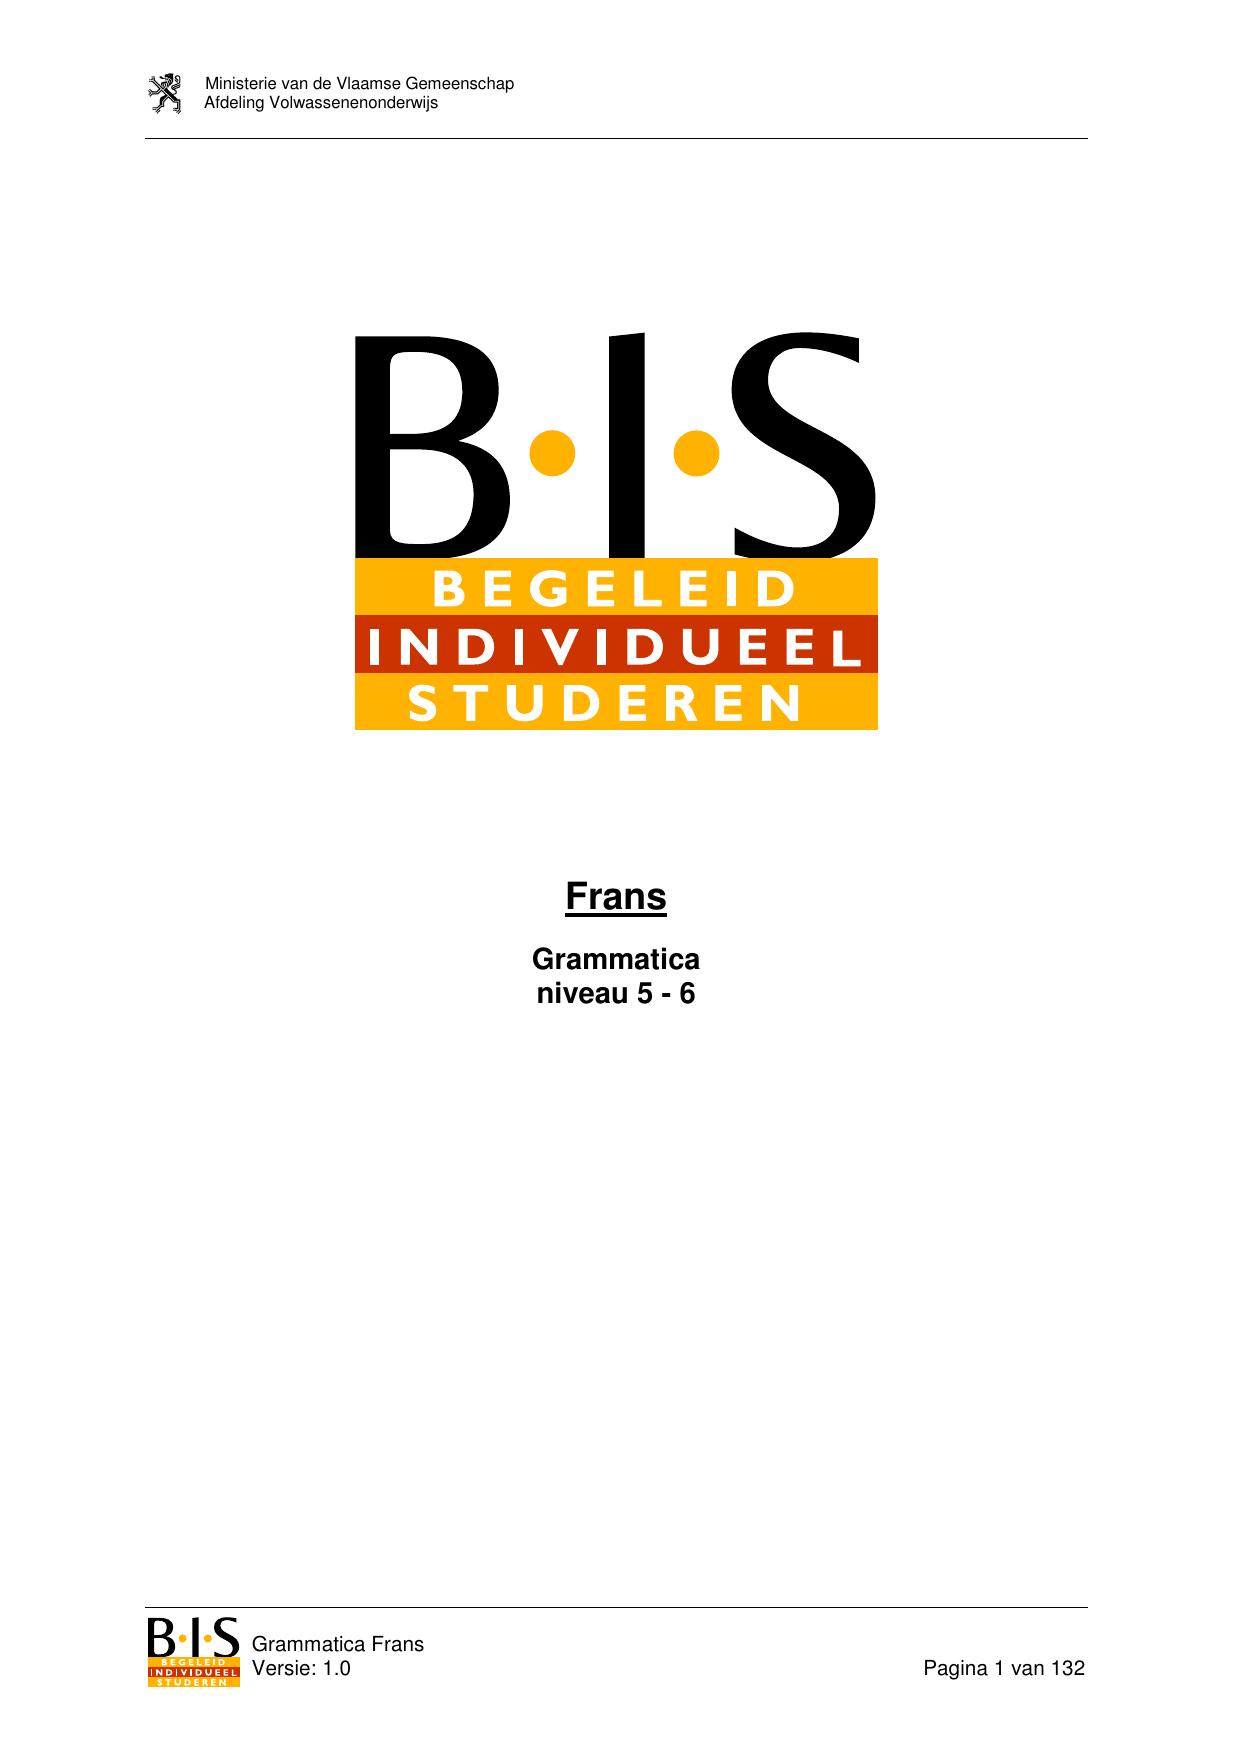 6880fe3c396 Ministerie van de Vlaamse Gemeenschap Afdeling Volwassenenonderwijs Frans  Grammatica niveau 5 - 6 Grammatica Frans Versie: 1.0 Pagina 1 van 132  Ministerie ...